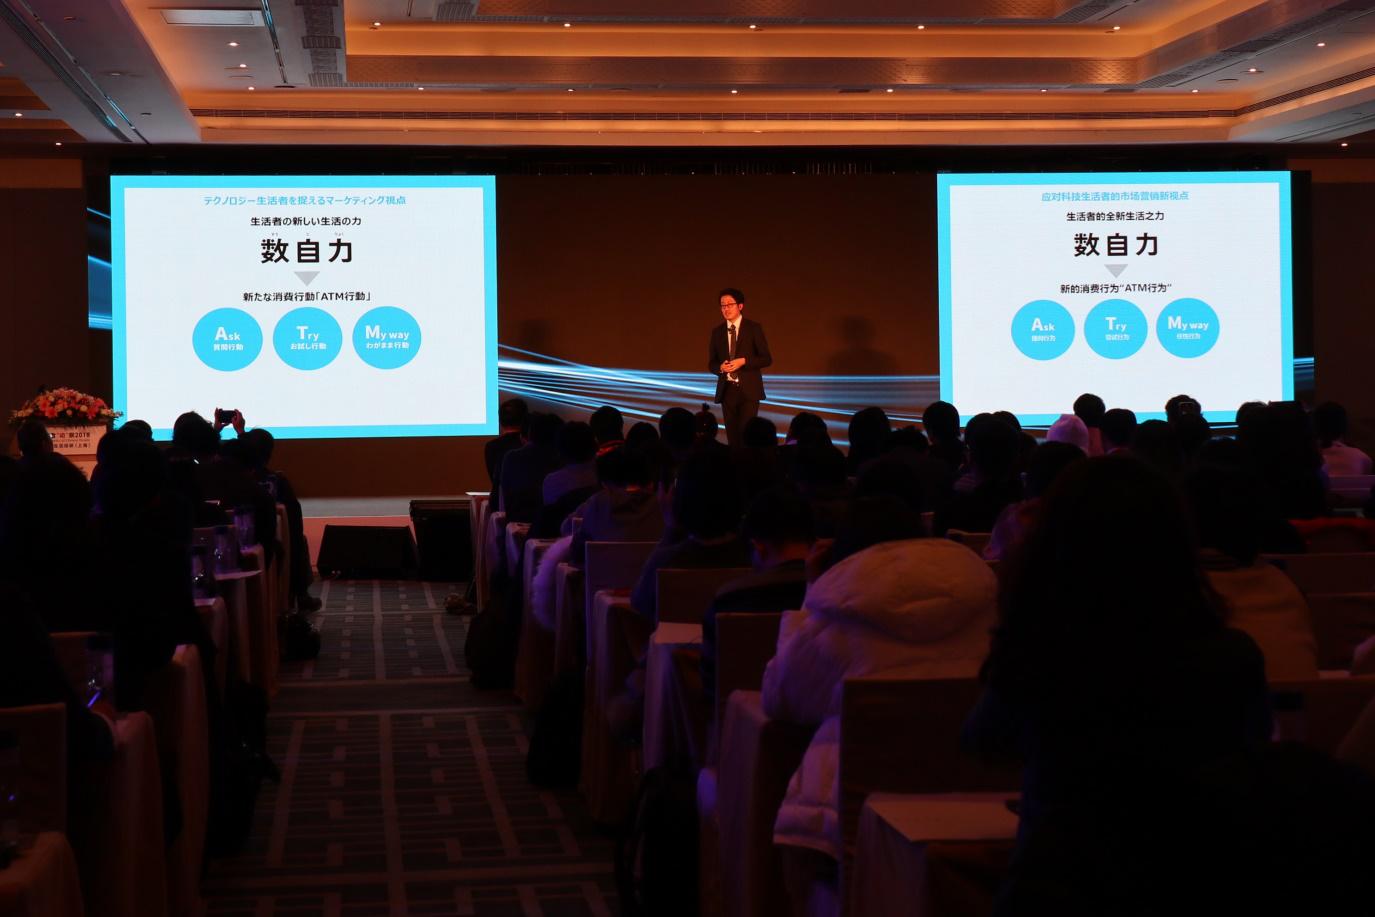 中美日三国调查结果显示:中国生活者运用科技更积极